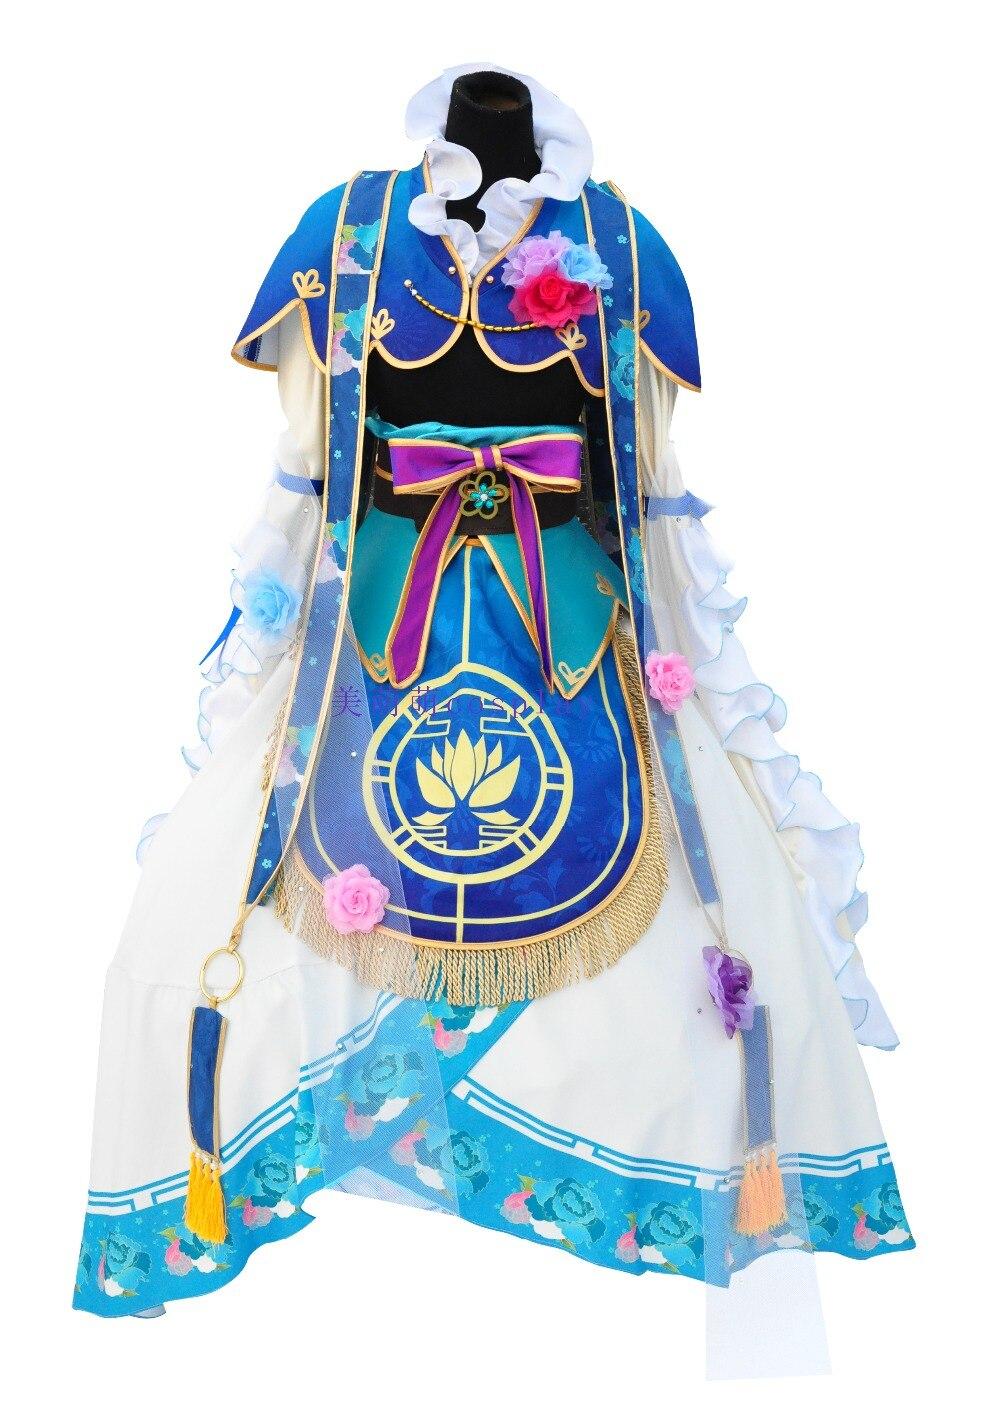 LoveLive! Eli Ayase семь Лаки gods пробудить Косплэй Хэллоуина платье + аксессуары для волос + корона + Обувь